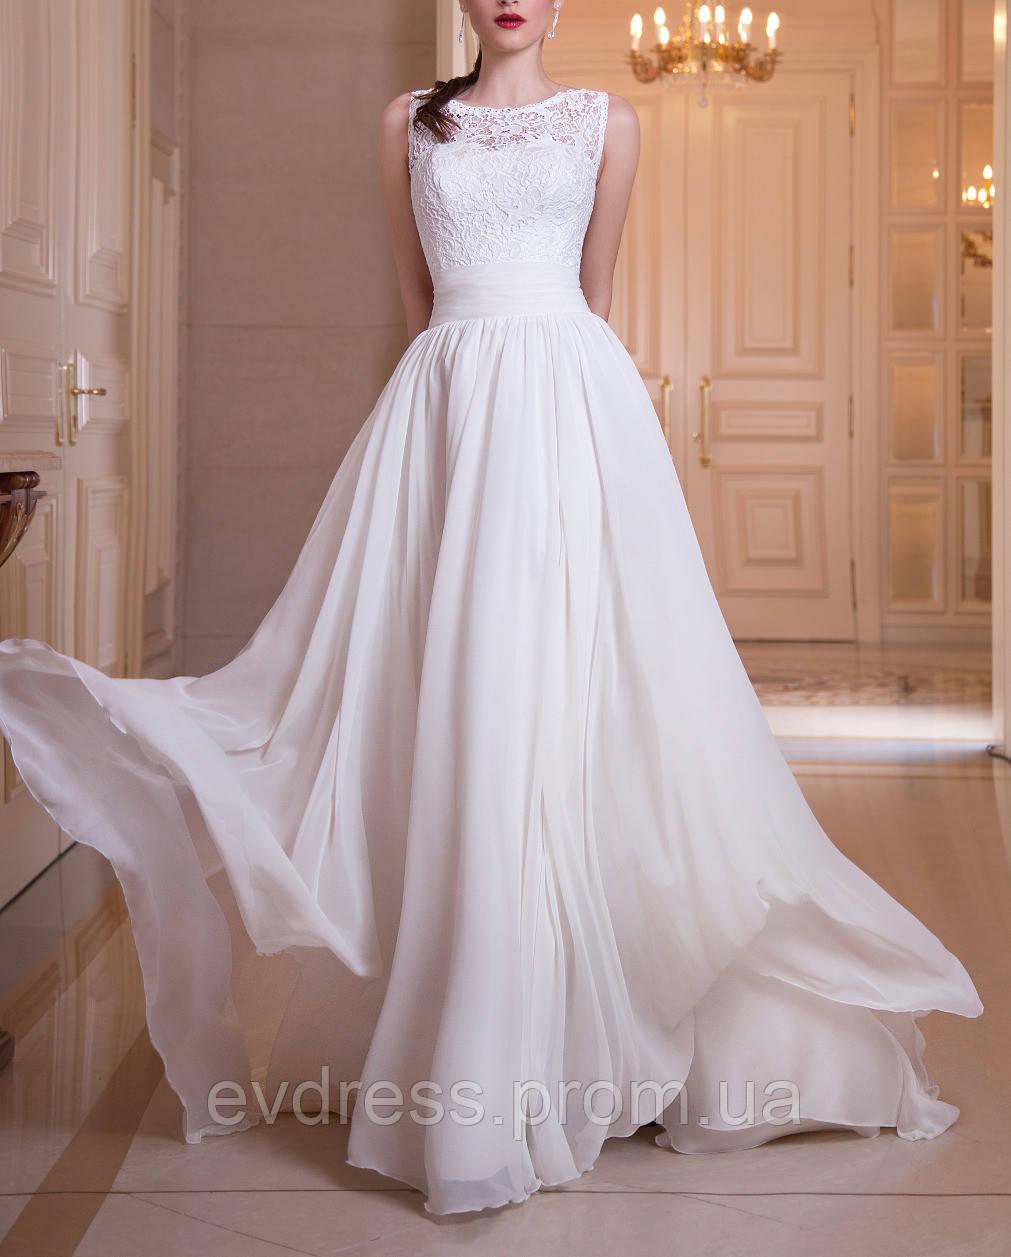 b5a4f8c37 Белое свадебное платье с пышной юбкой, открытой спиной CB-70340 - Интернет -магазин